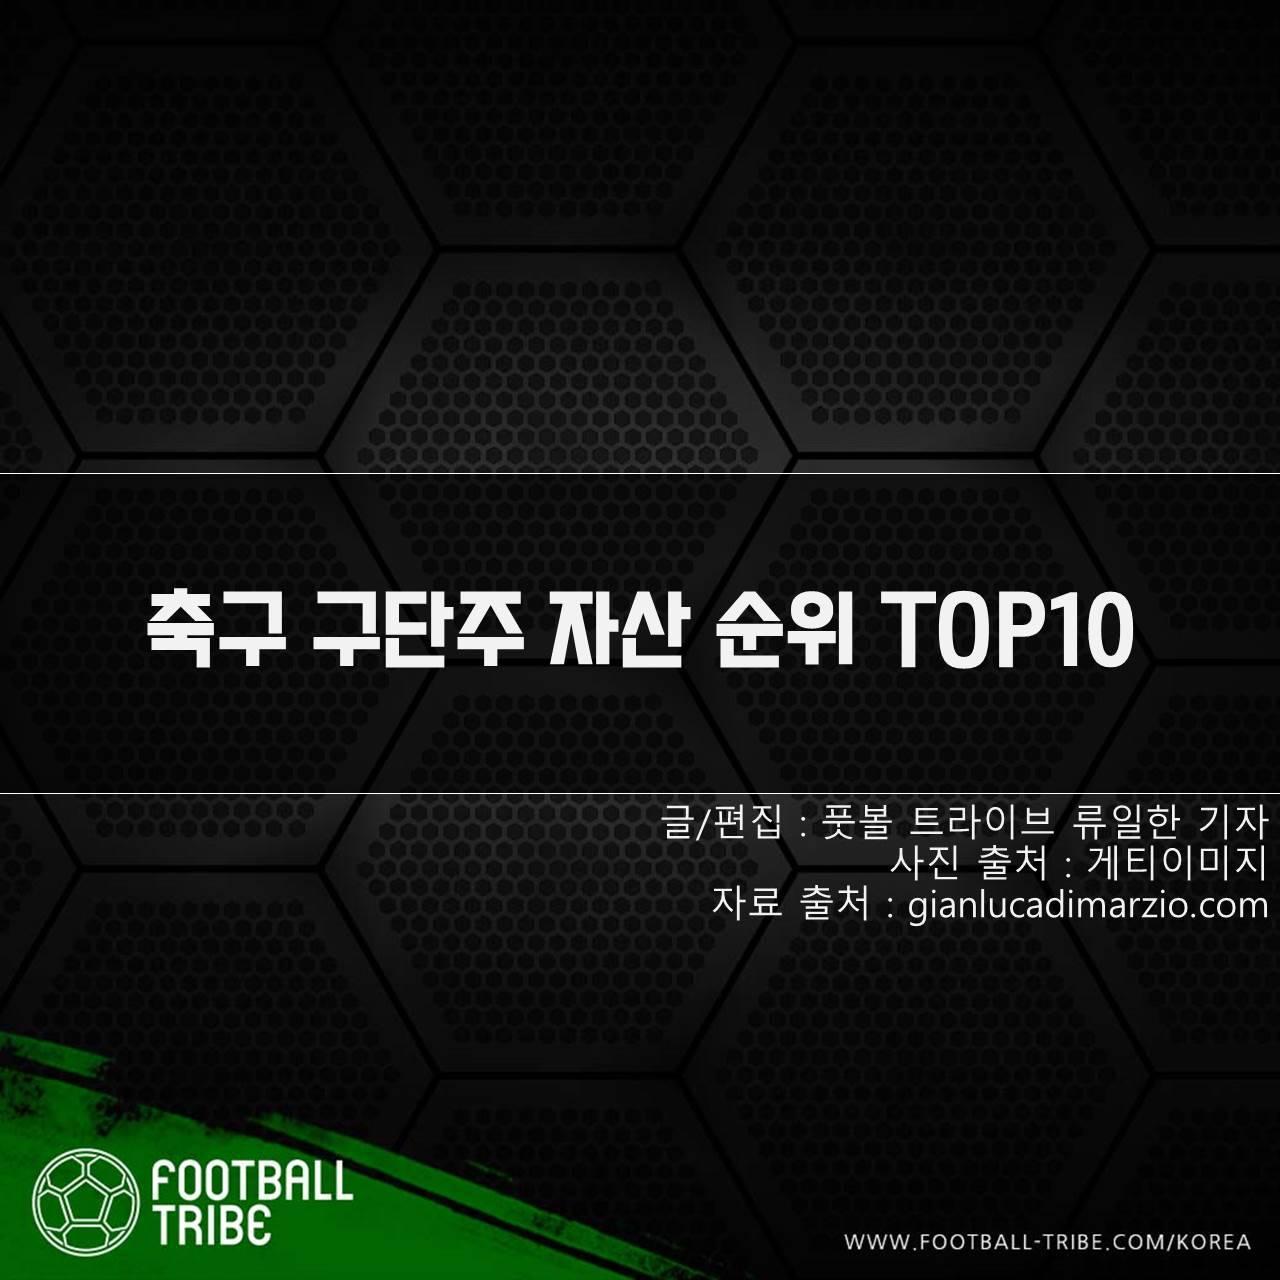 [카드 뉴스] 축구 구단주 자산 순위 TOP10